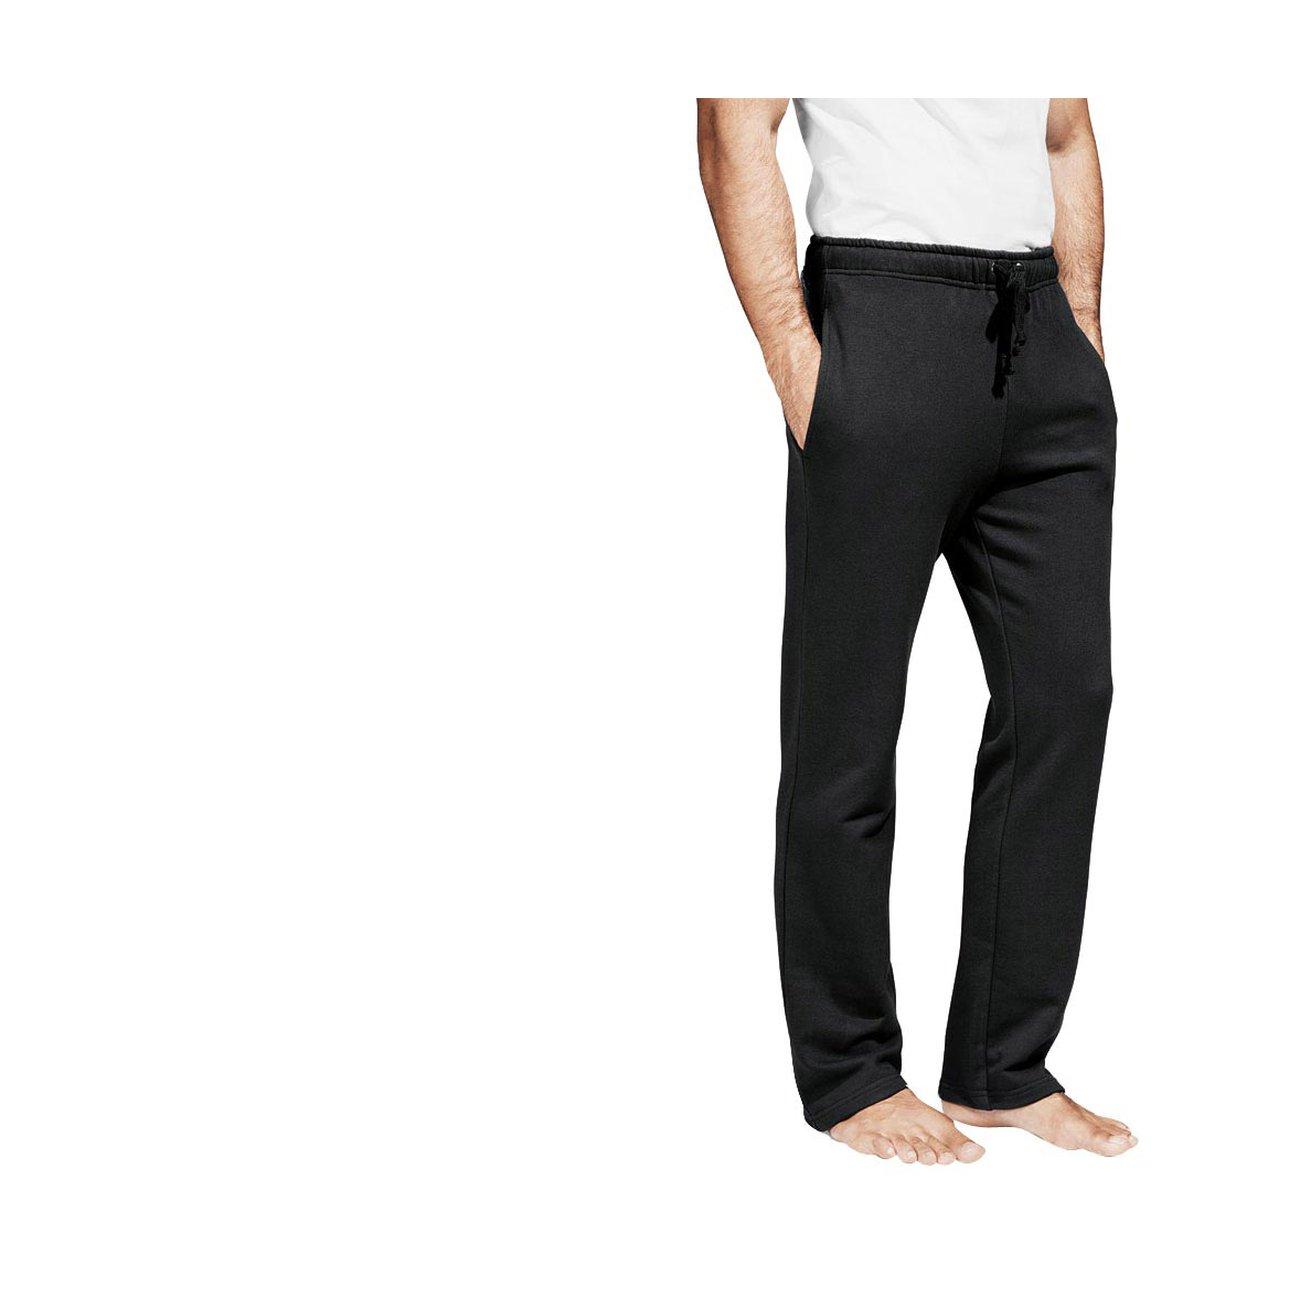 Pantalon survetement homme : achetez les au meilleur prix de